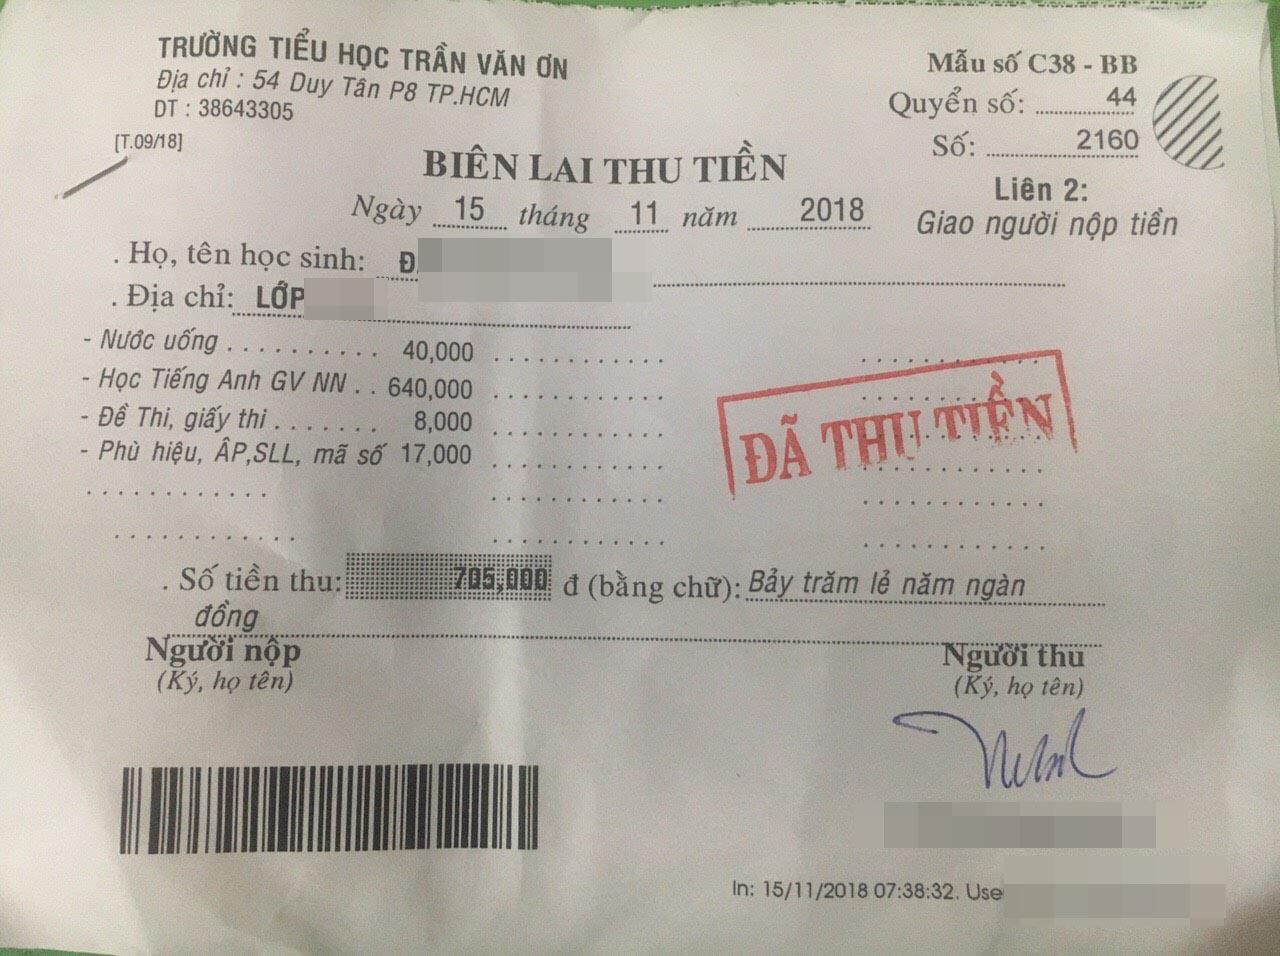 """Phụ huynh tiểu học ở TP.HCM bức xúc tố hiệu trưởng """"mập mờ thu chi"""", sử dụng 1 tờ giấy vở ô ly để làm hóa đơn thu tiền - Ảnh 11."""